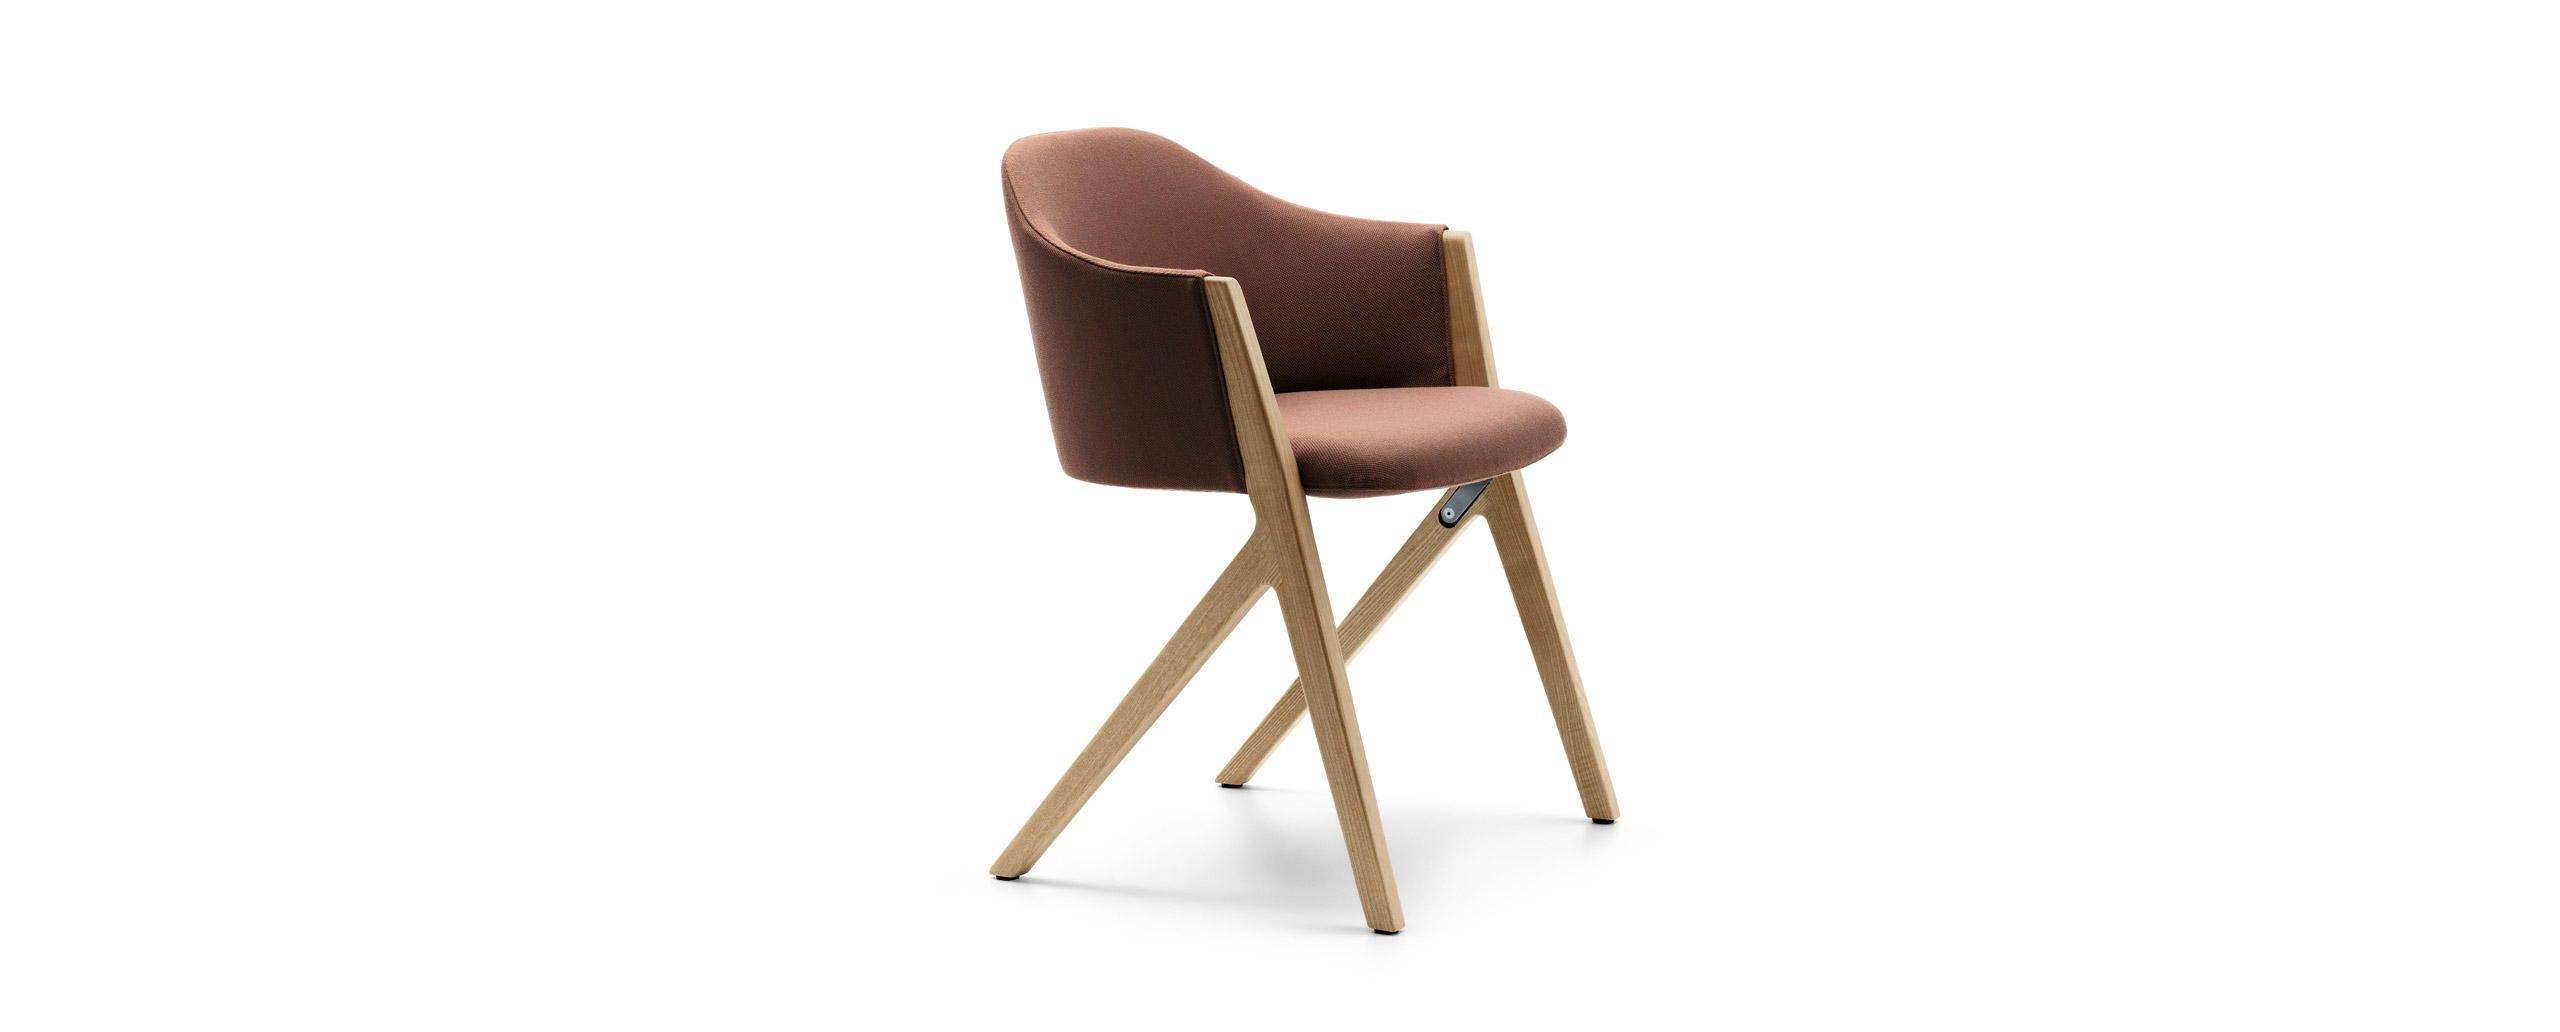 La sedia m10 di cassina arredare con stile for Cassina sedie